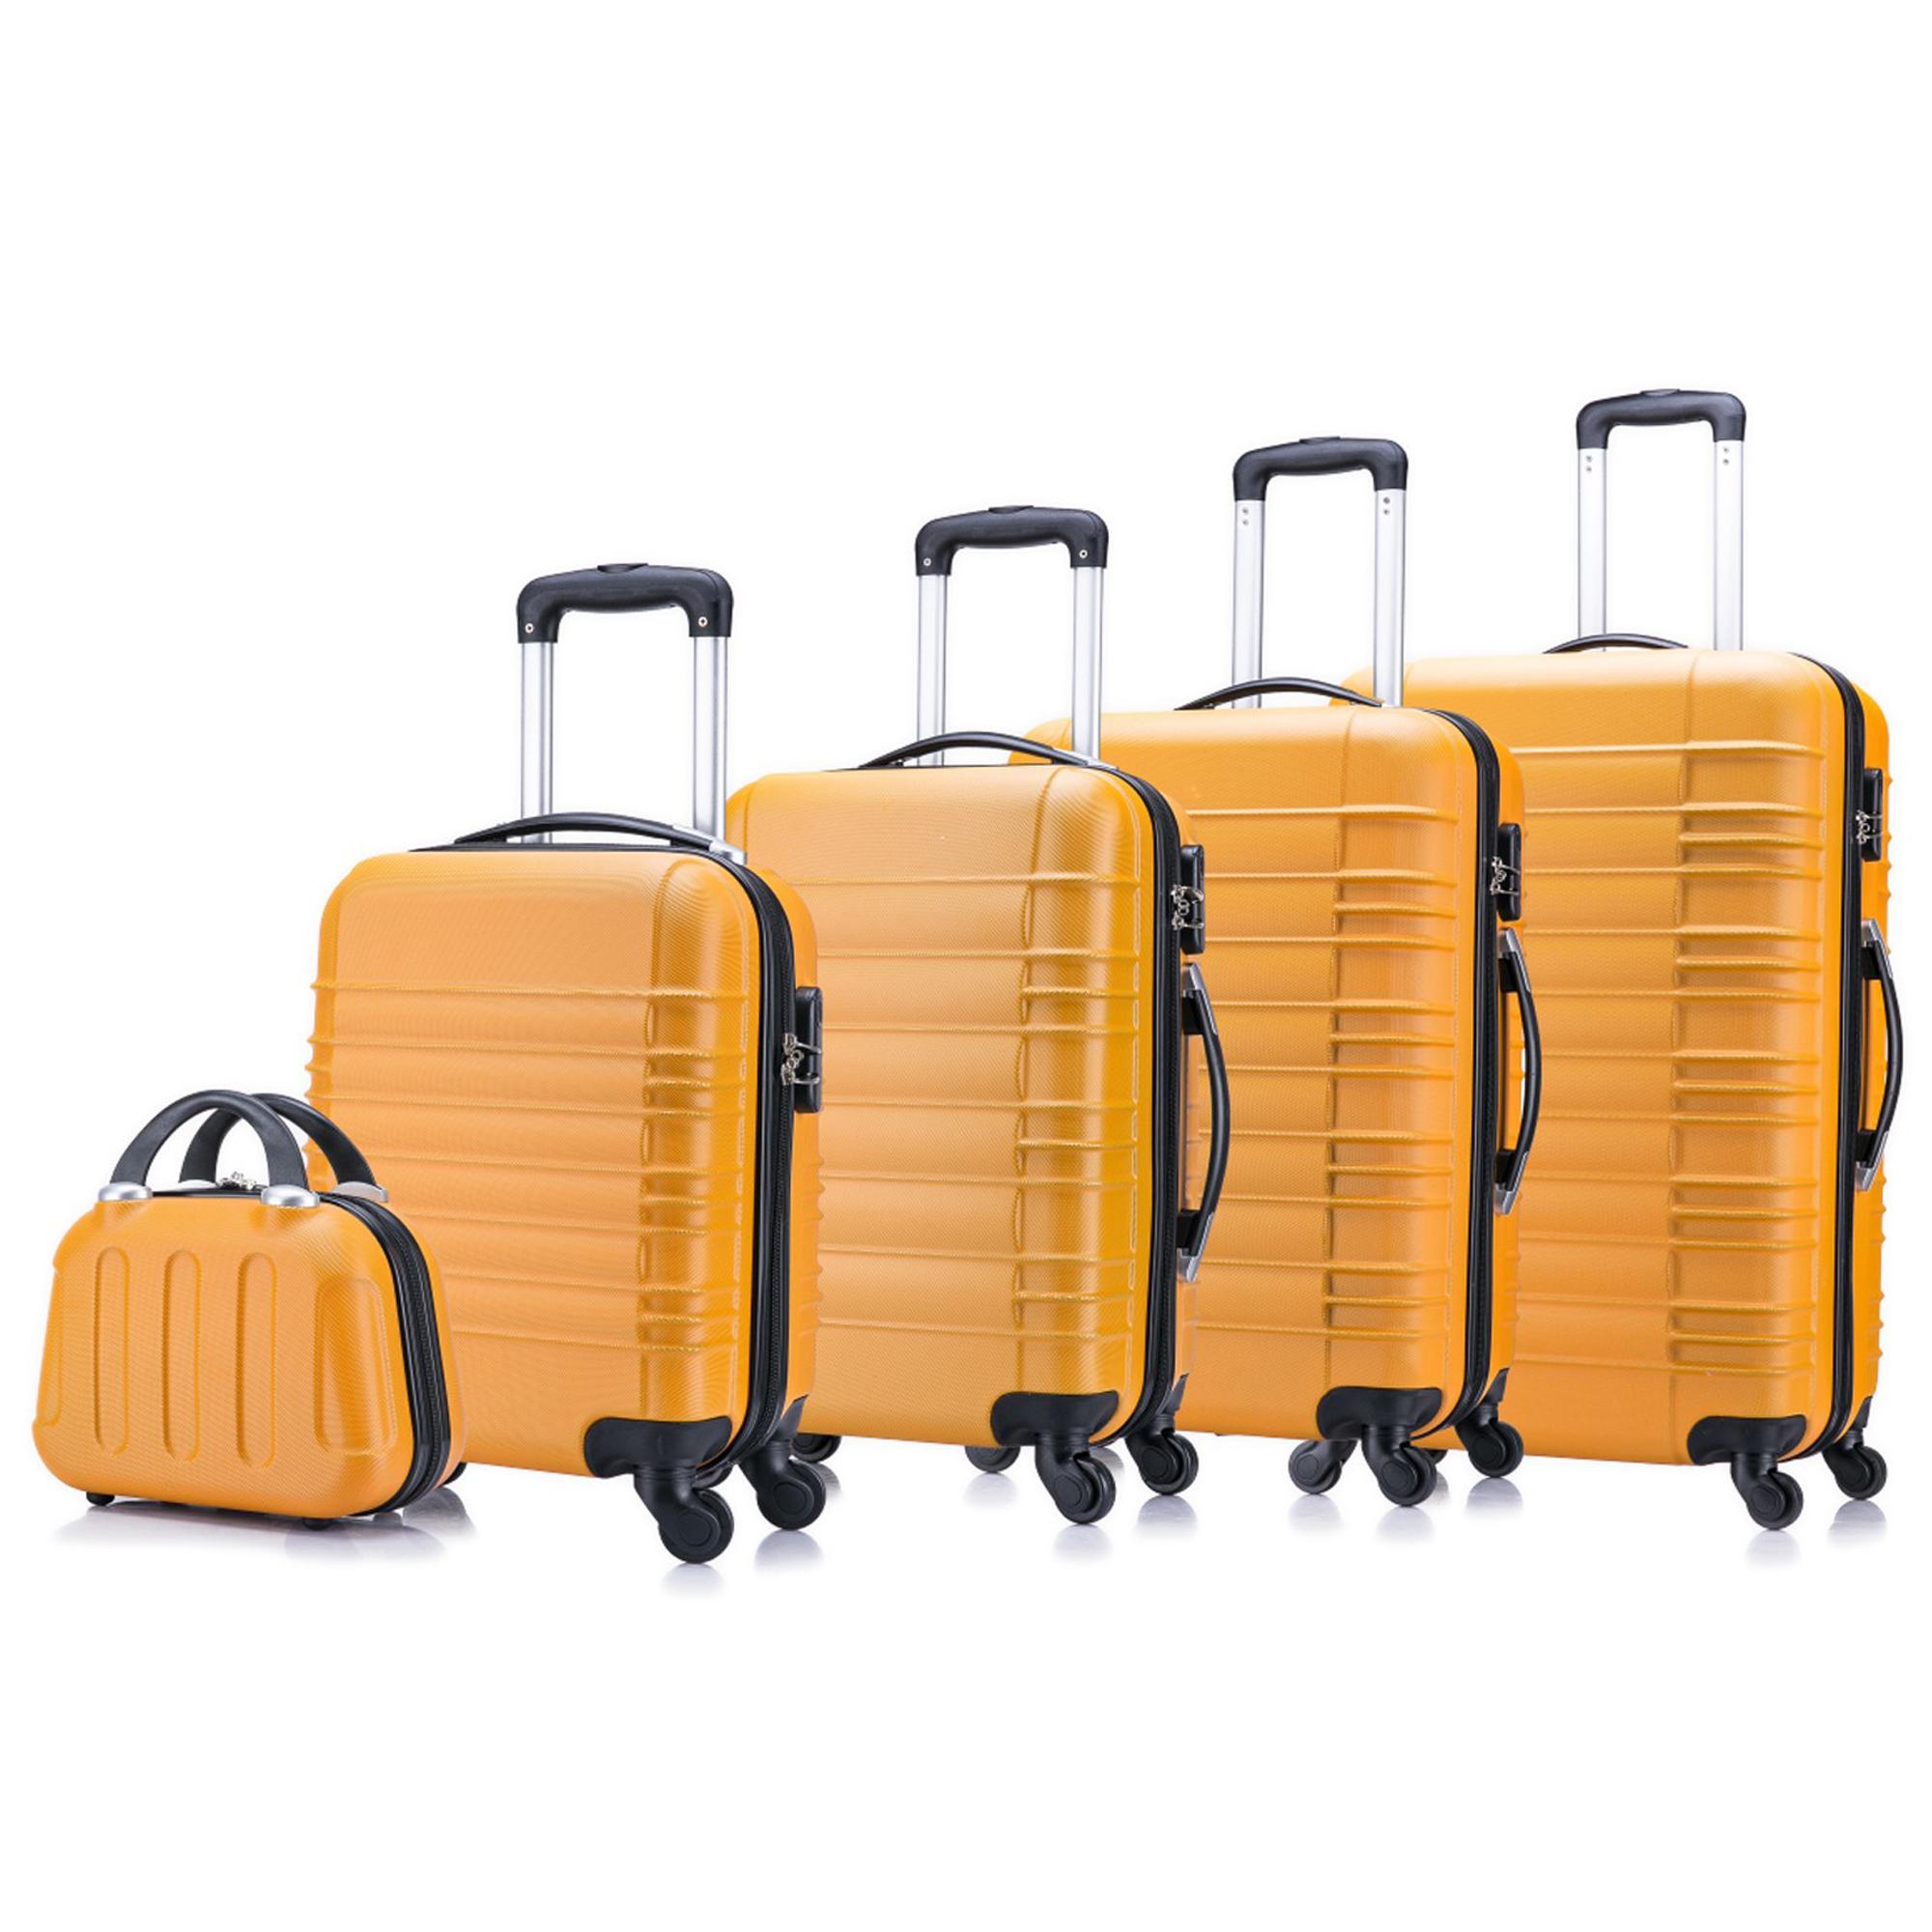 5 teiliges Koffer Set Hartschalenkoffer in 5 Farben - 29